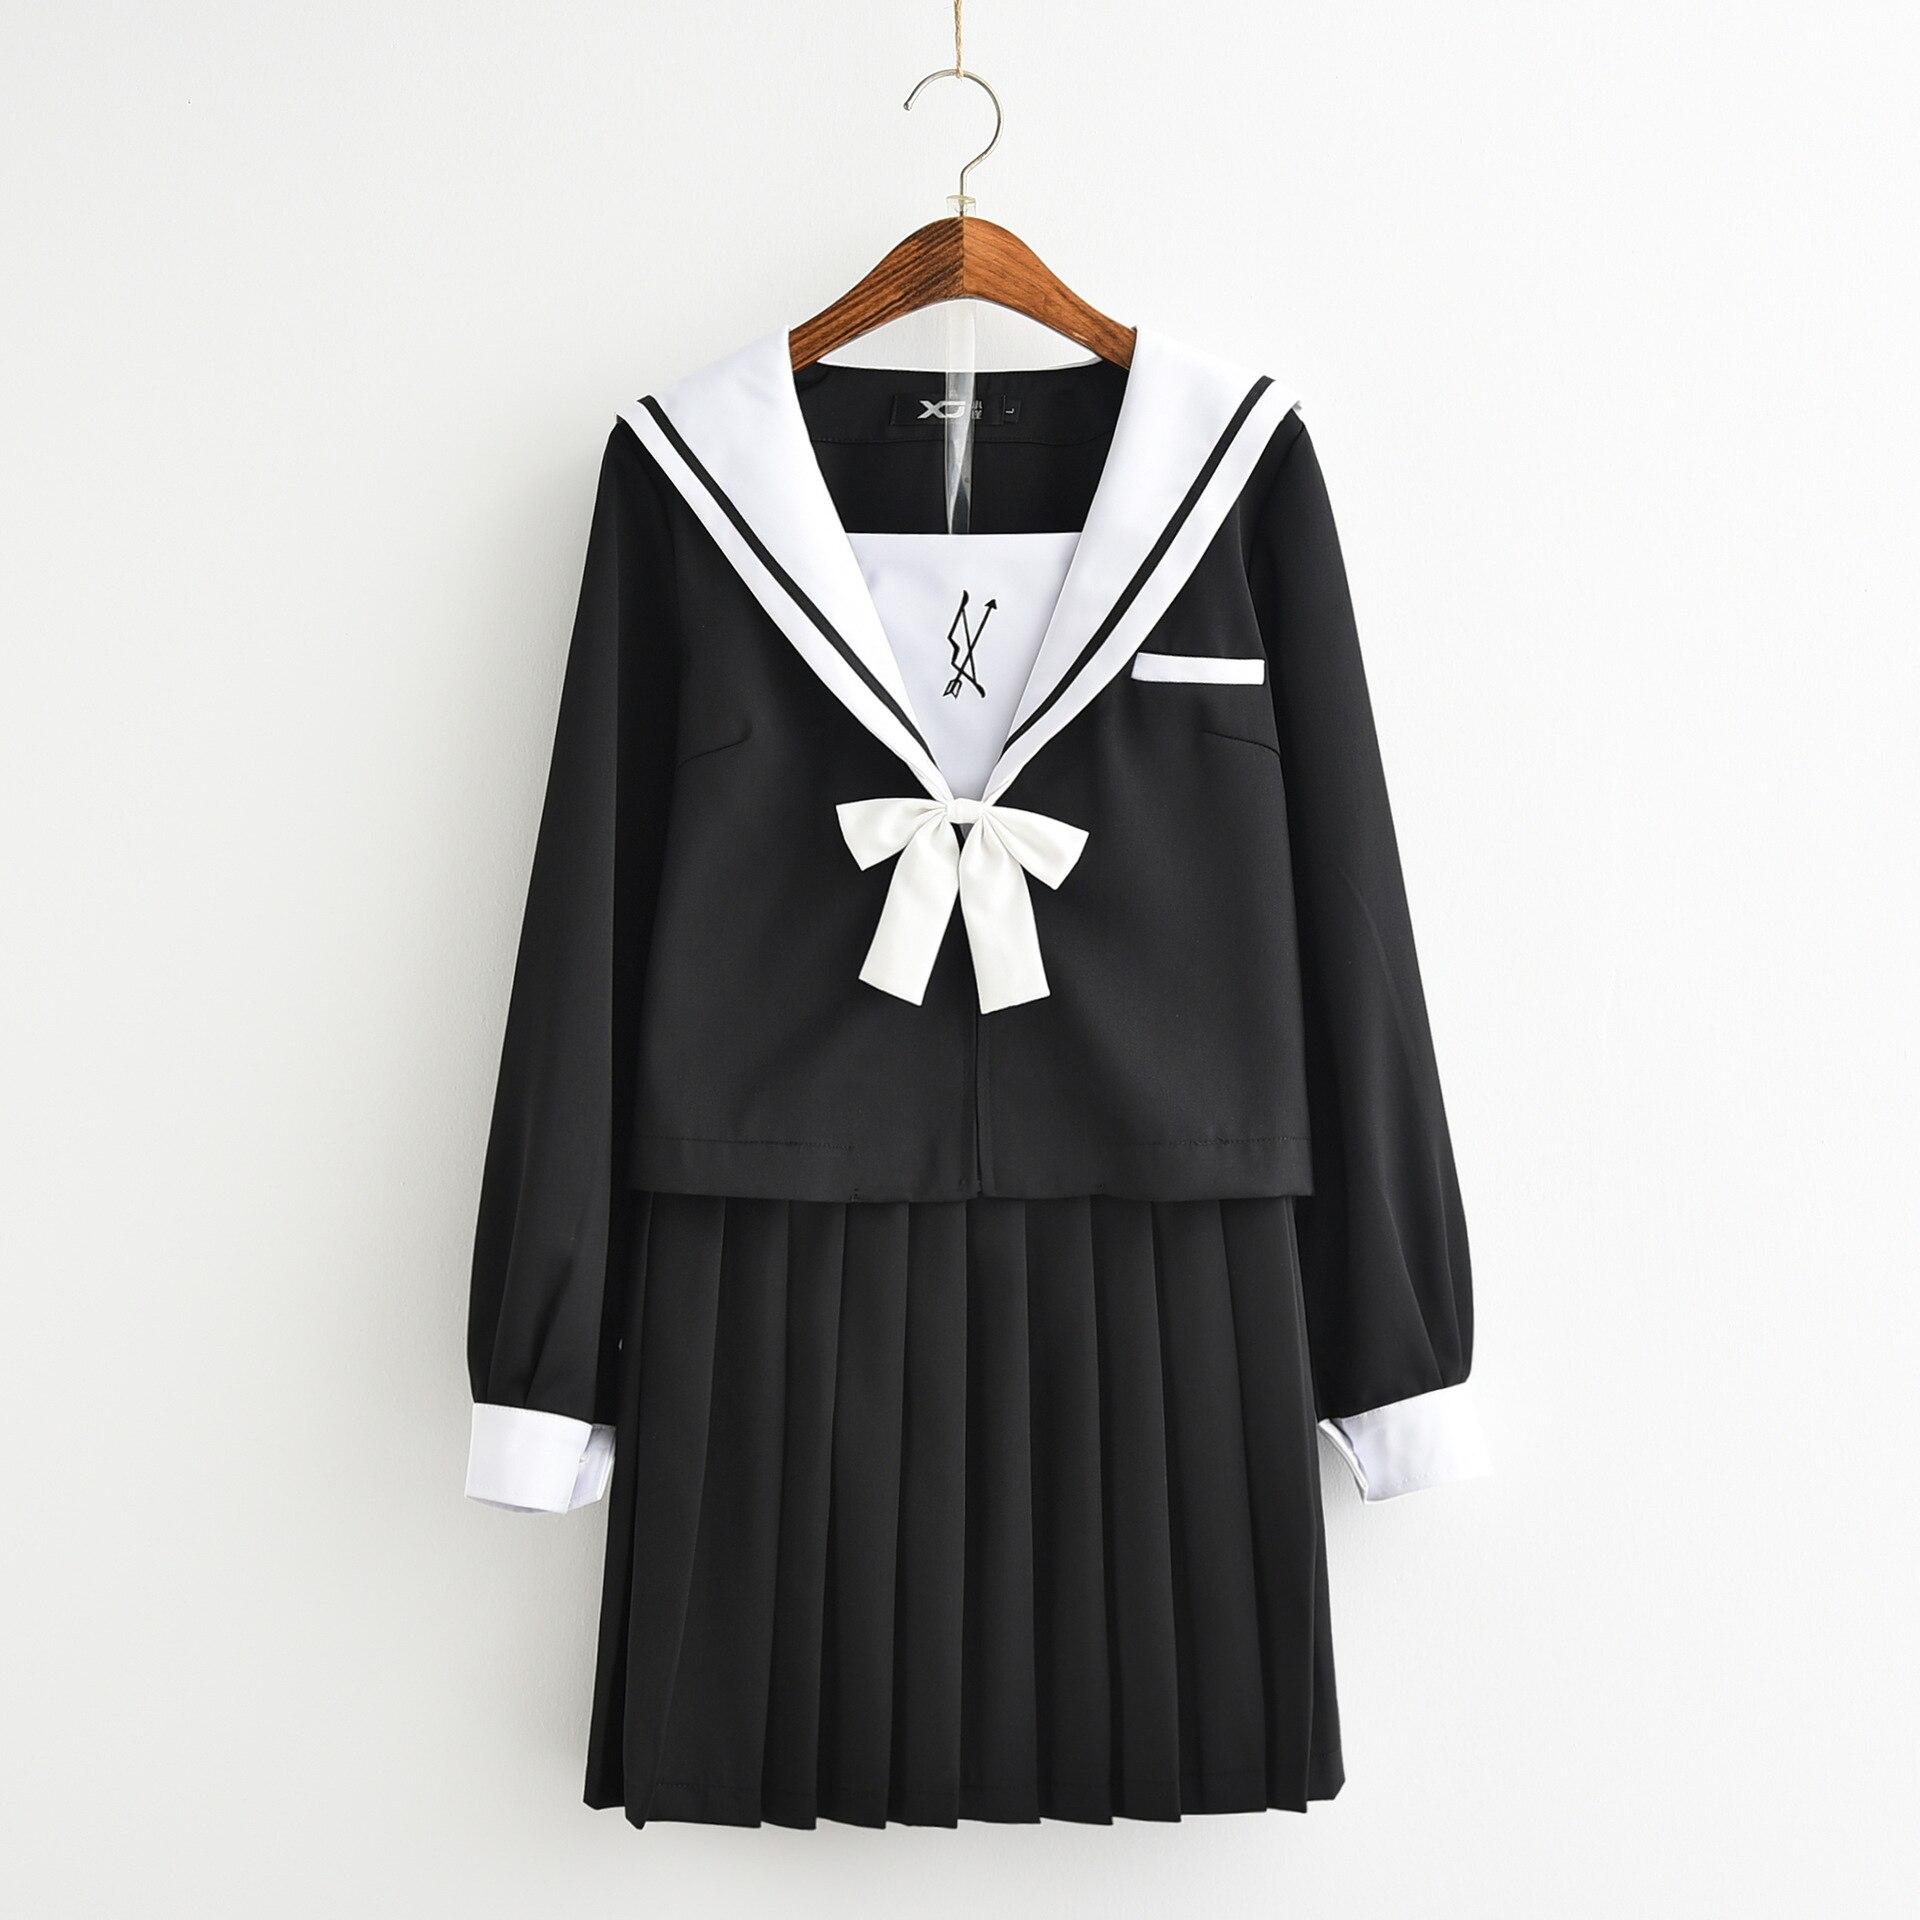 Uniforme d'école de Cosplay de fille d'école japonaise définit l'uniforme d'école de Nagoya